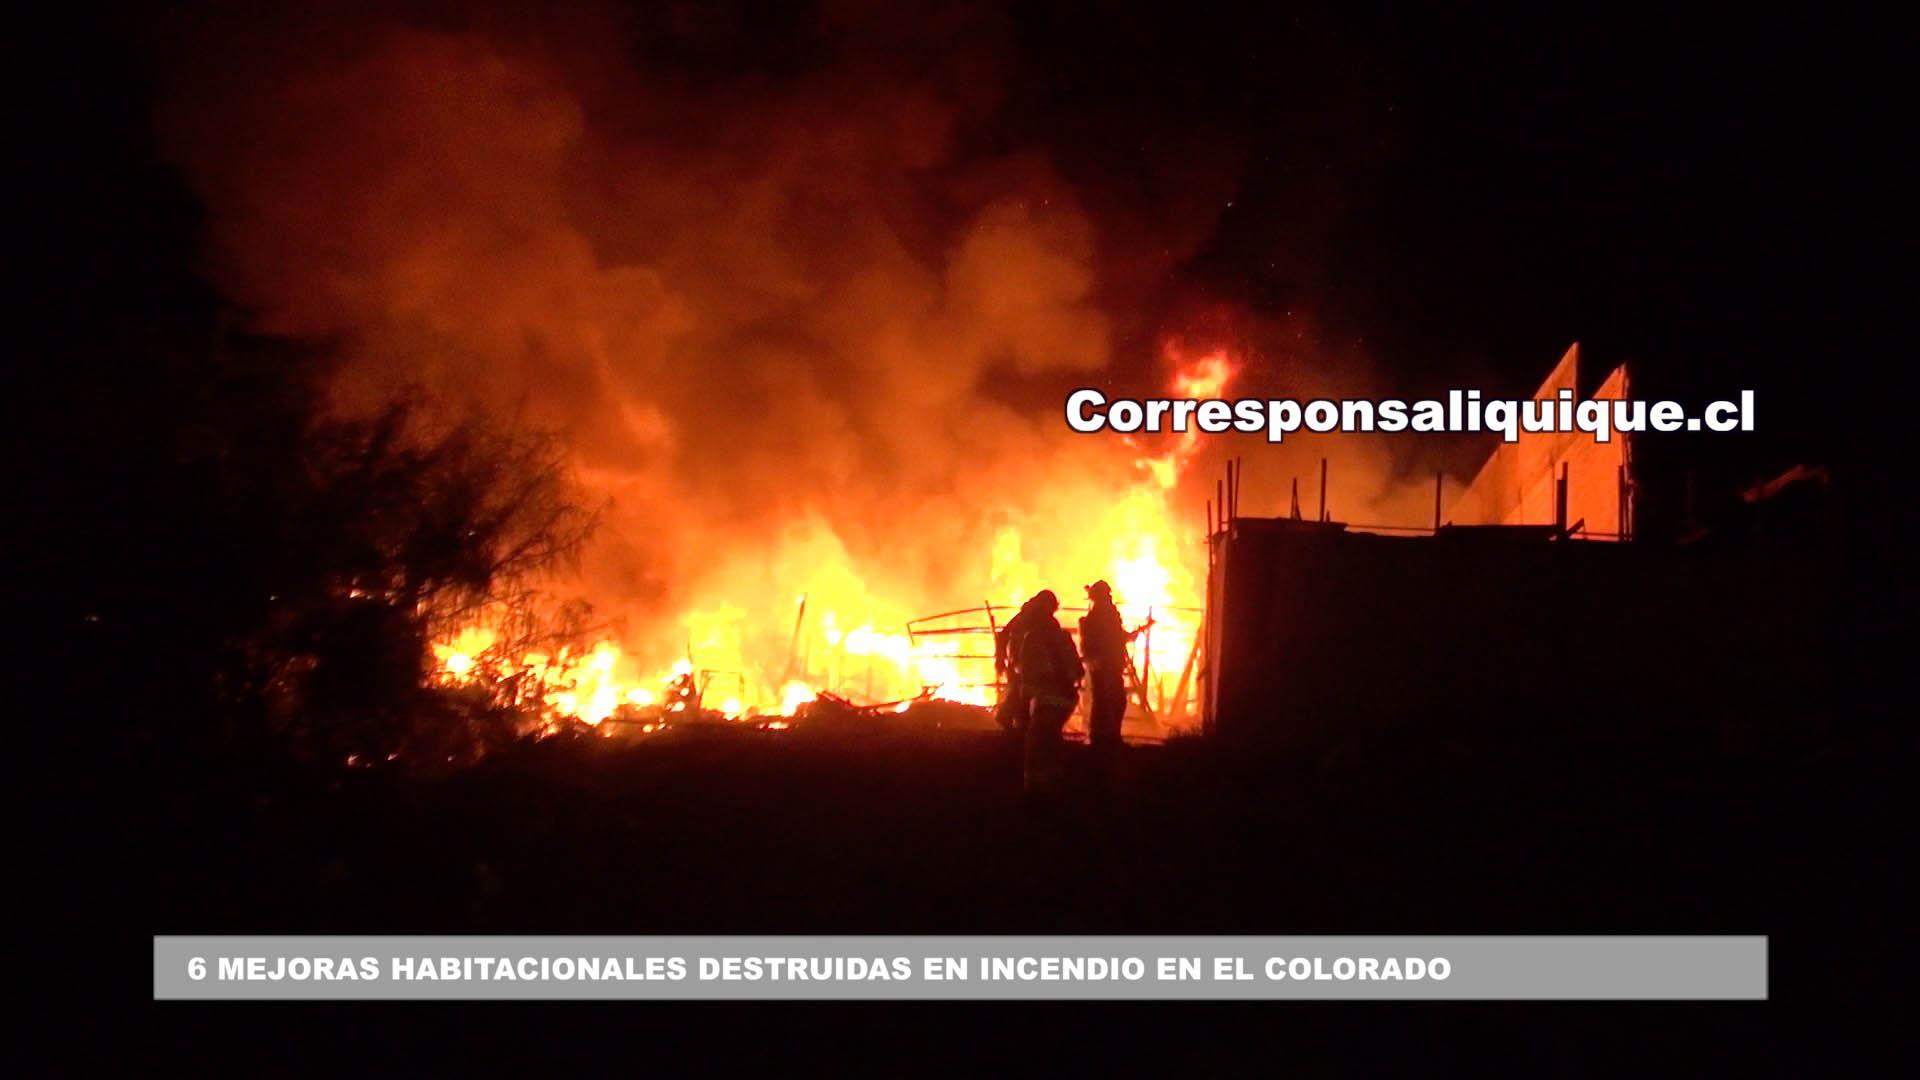 Photo of Incendio destruyó 6 mejoras habitacionales en Toma El Colorado